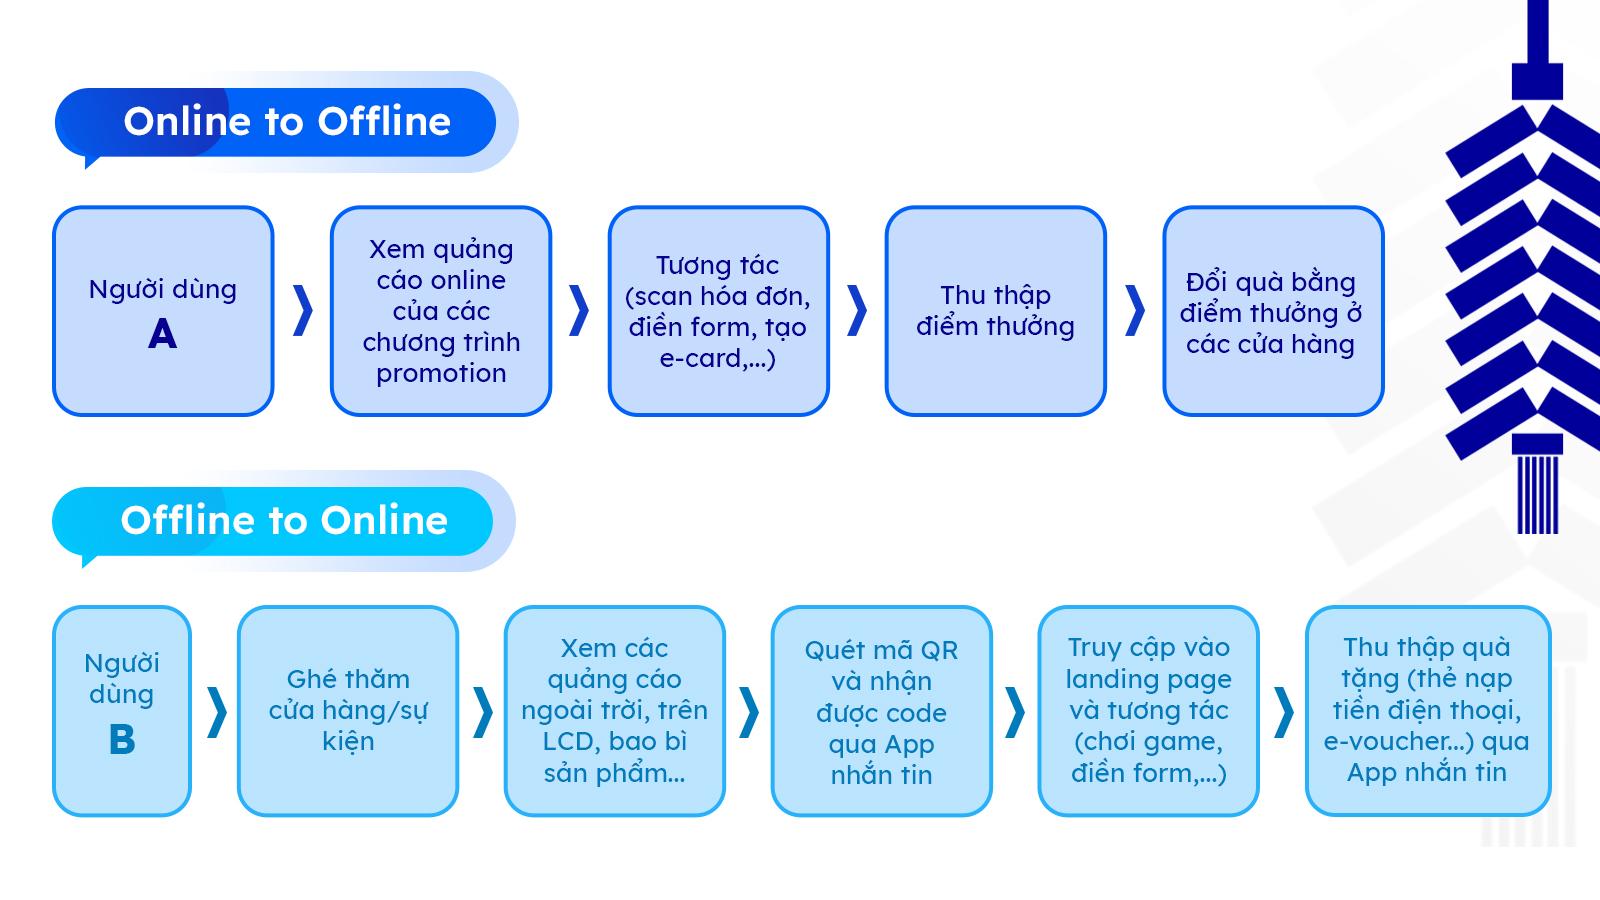 Hành trình O2O của người dùng